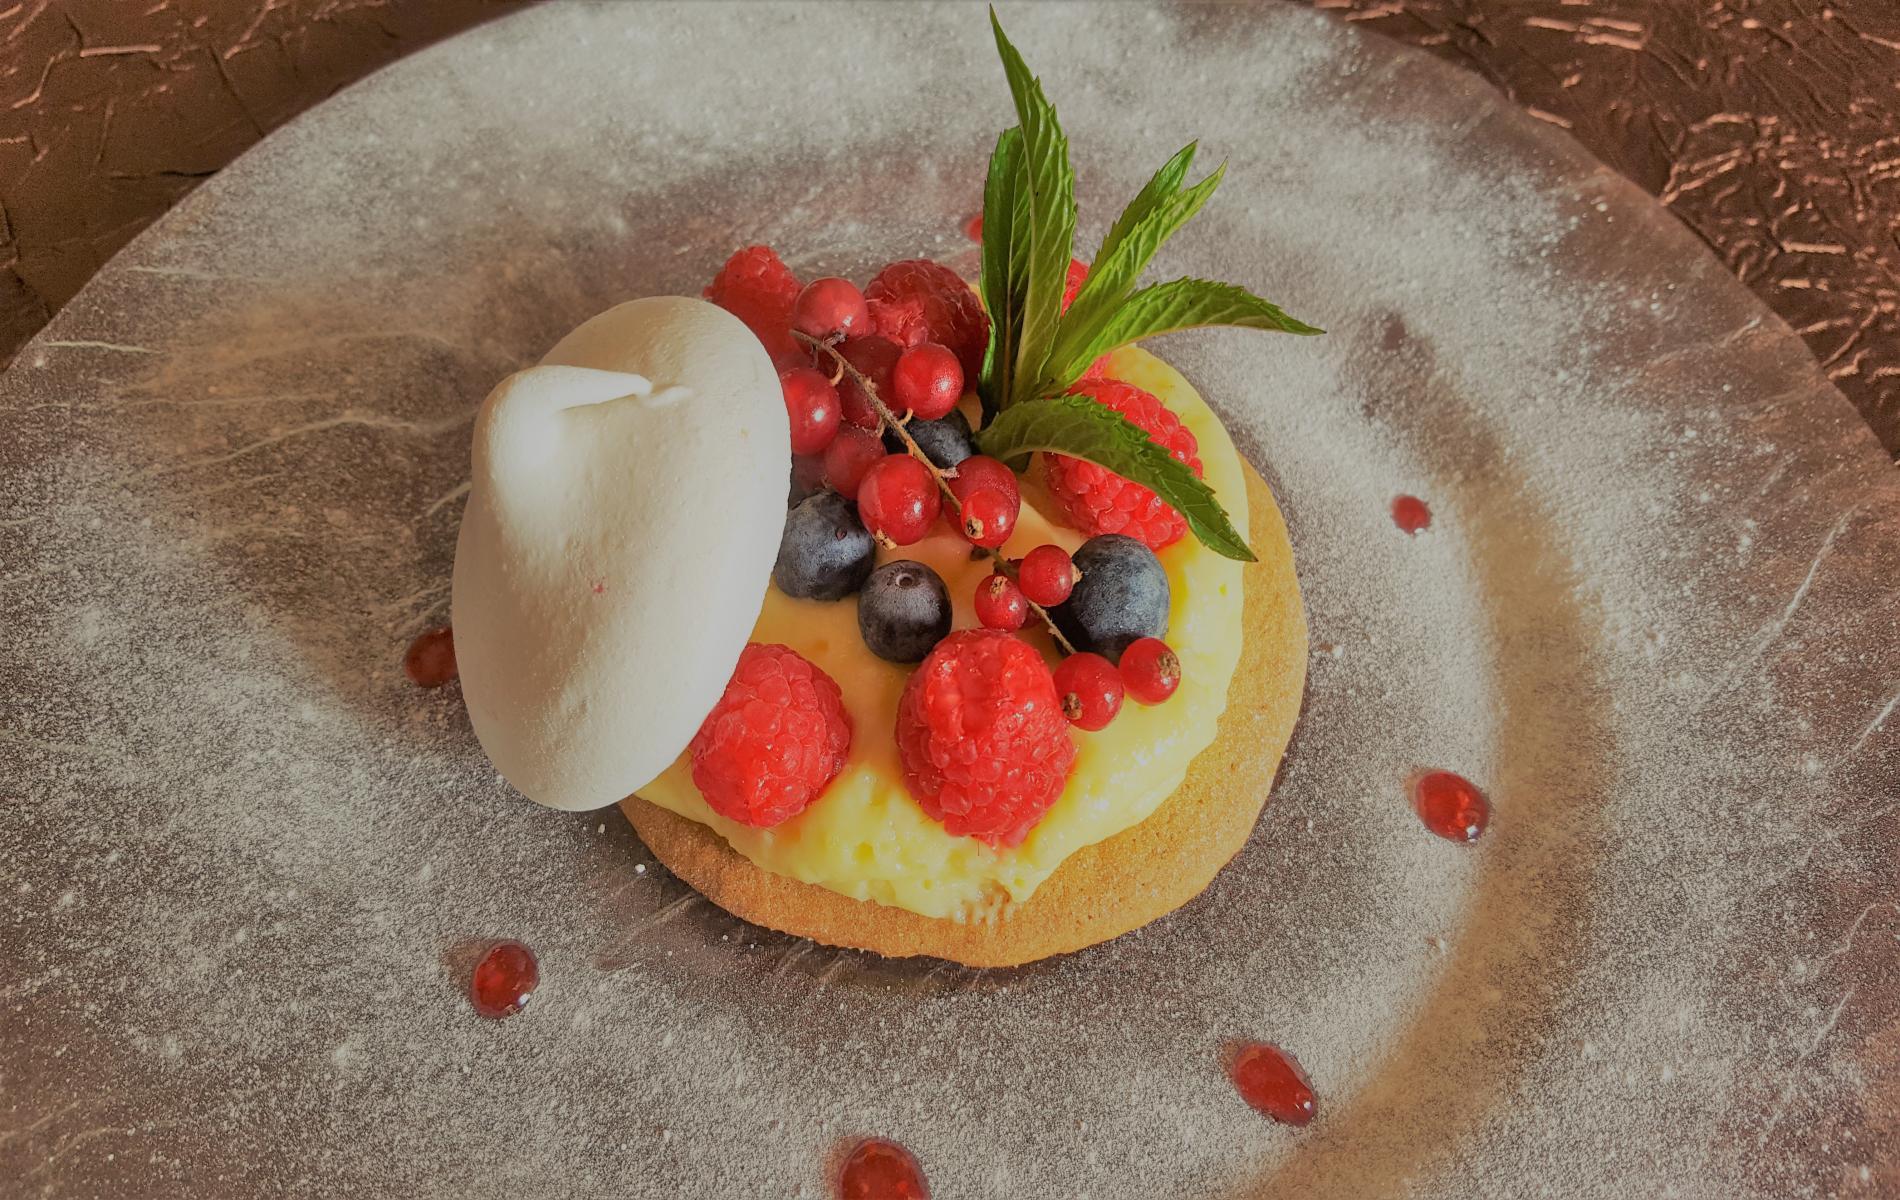 Palet sablé crème au citron et fruits rouges